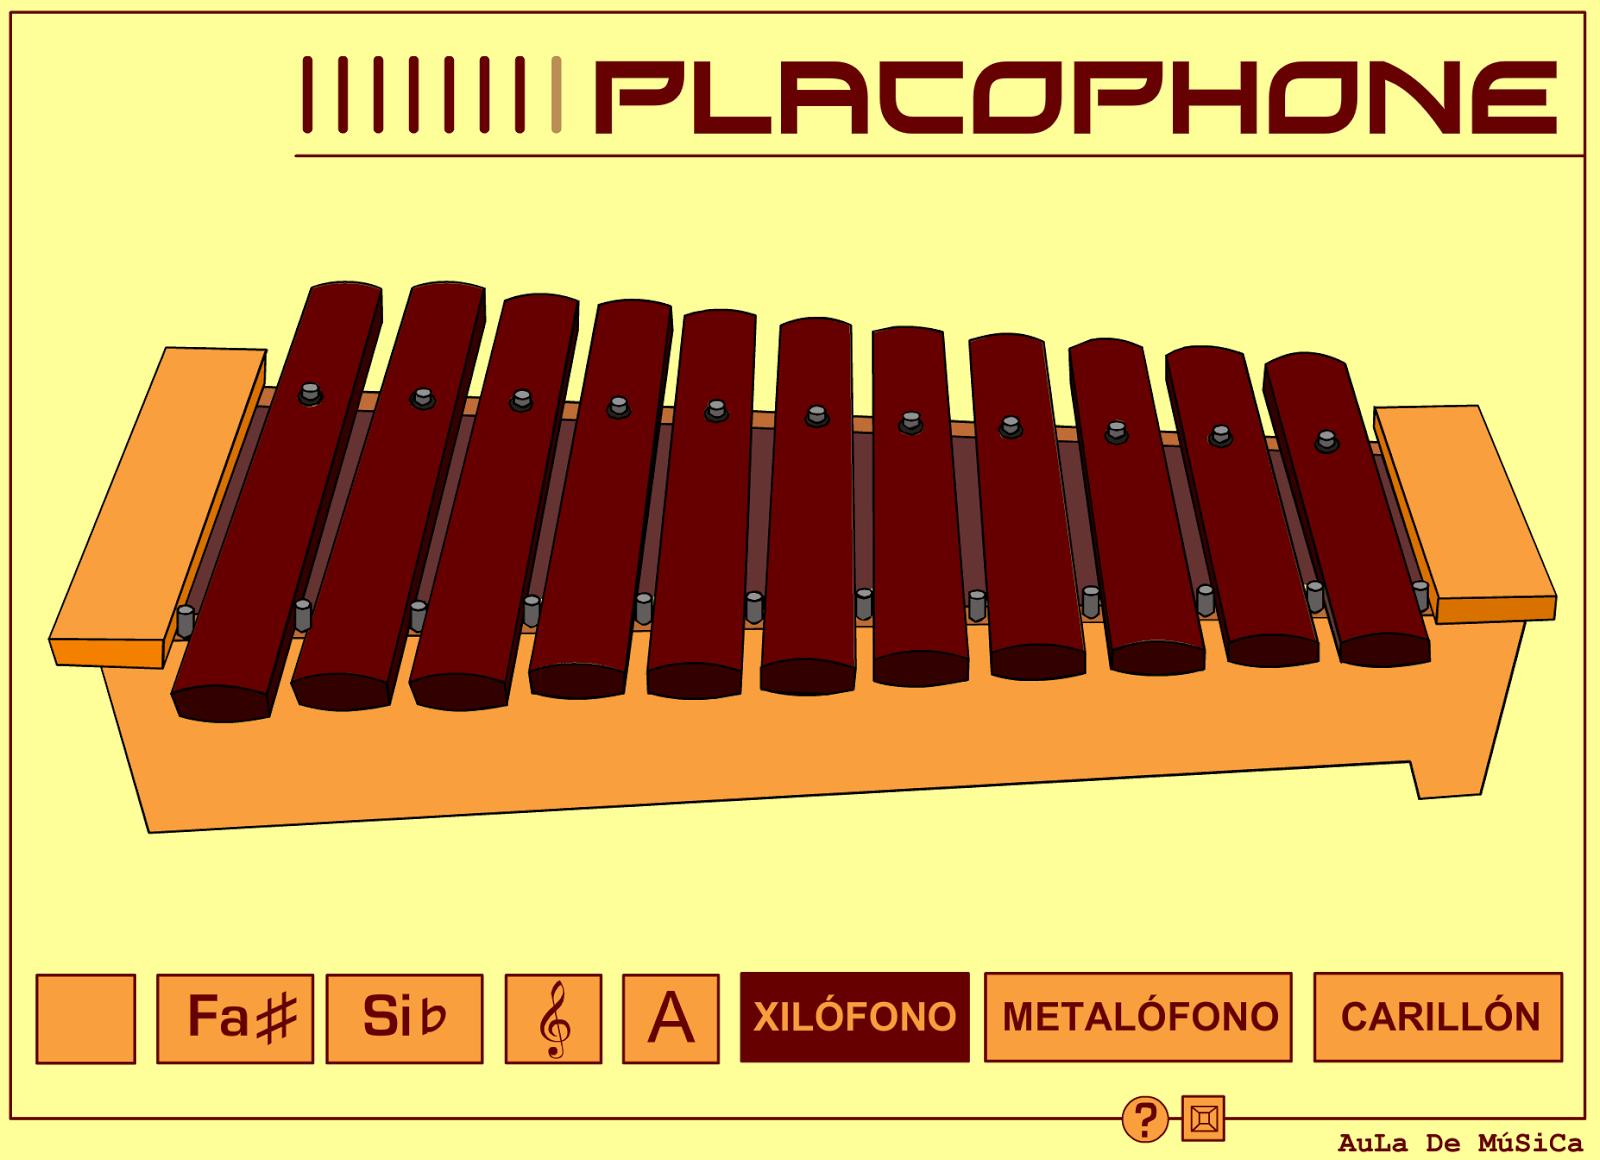 El Placophone